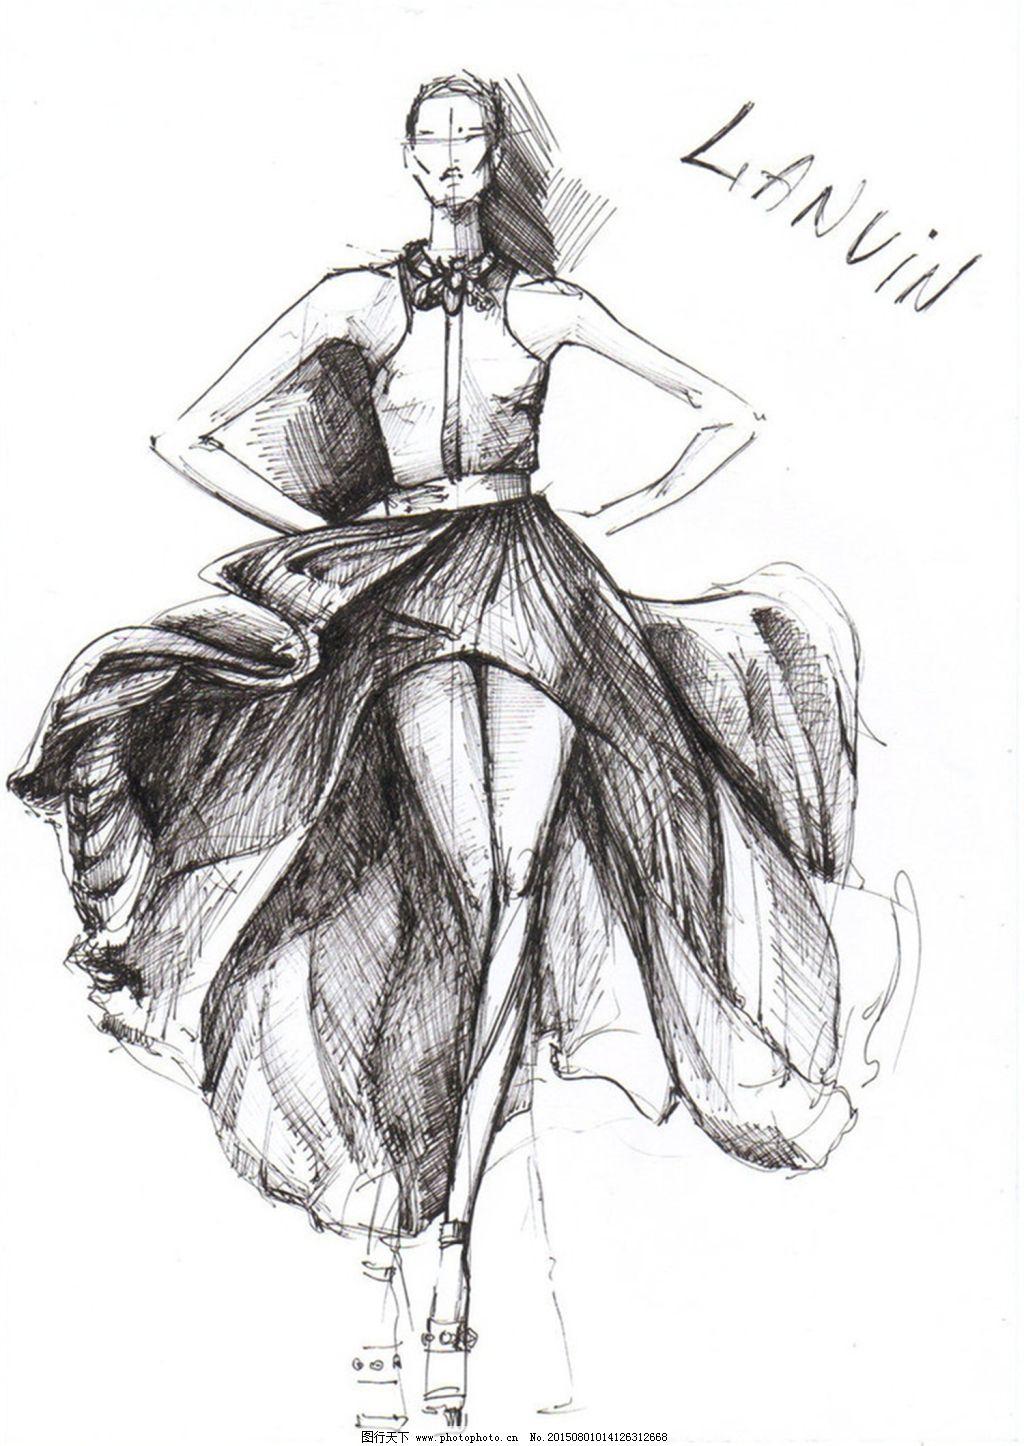 服装设计手绘效果图_手绘服装设计_服装设计_图行天下